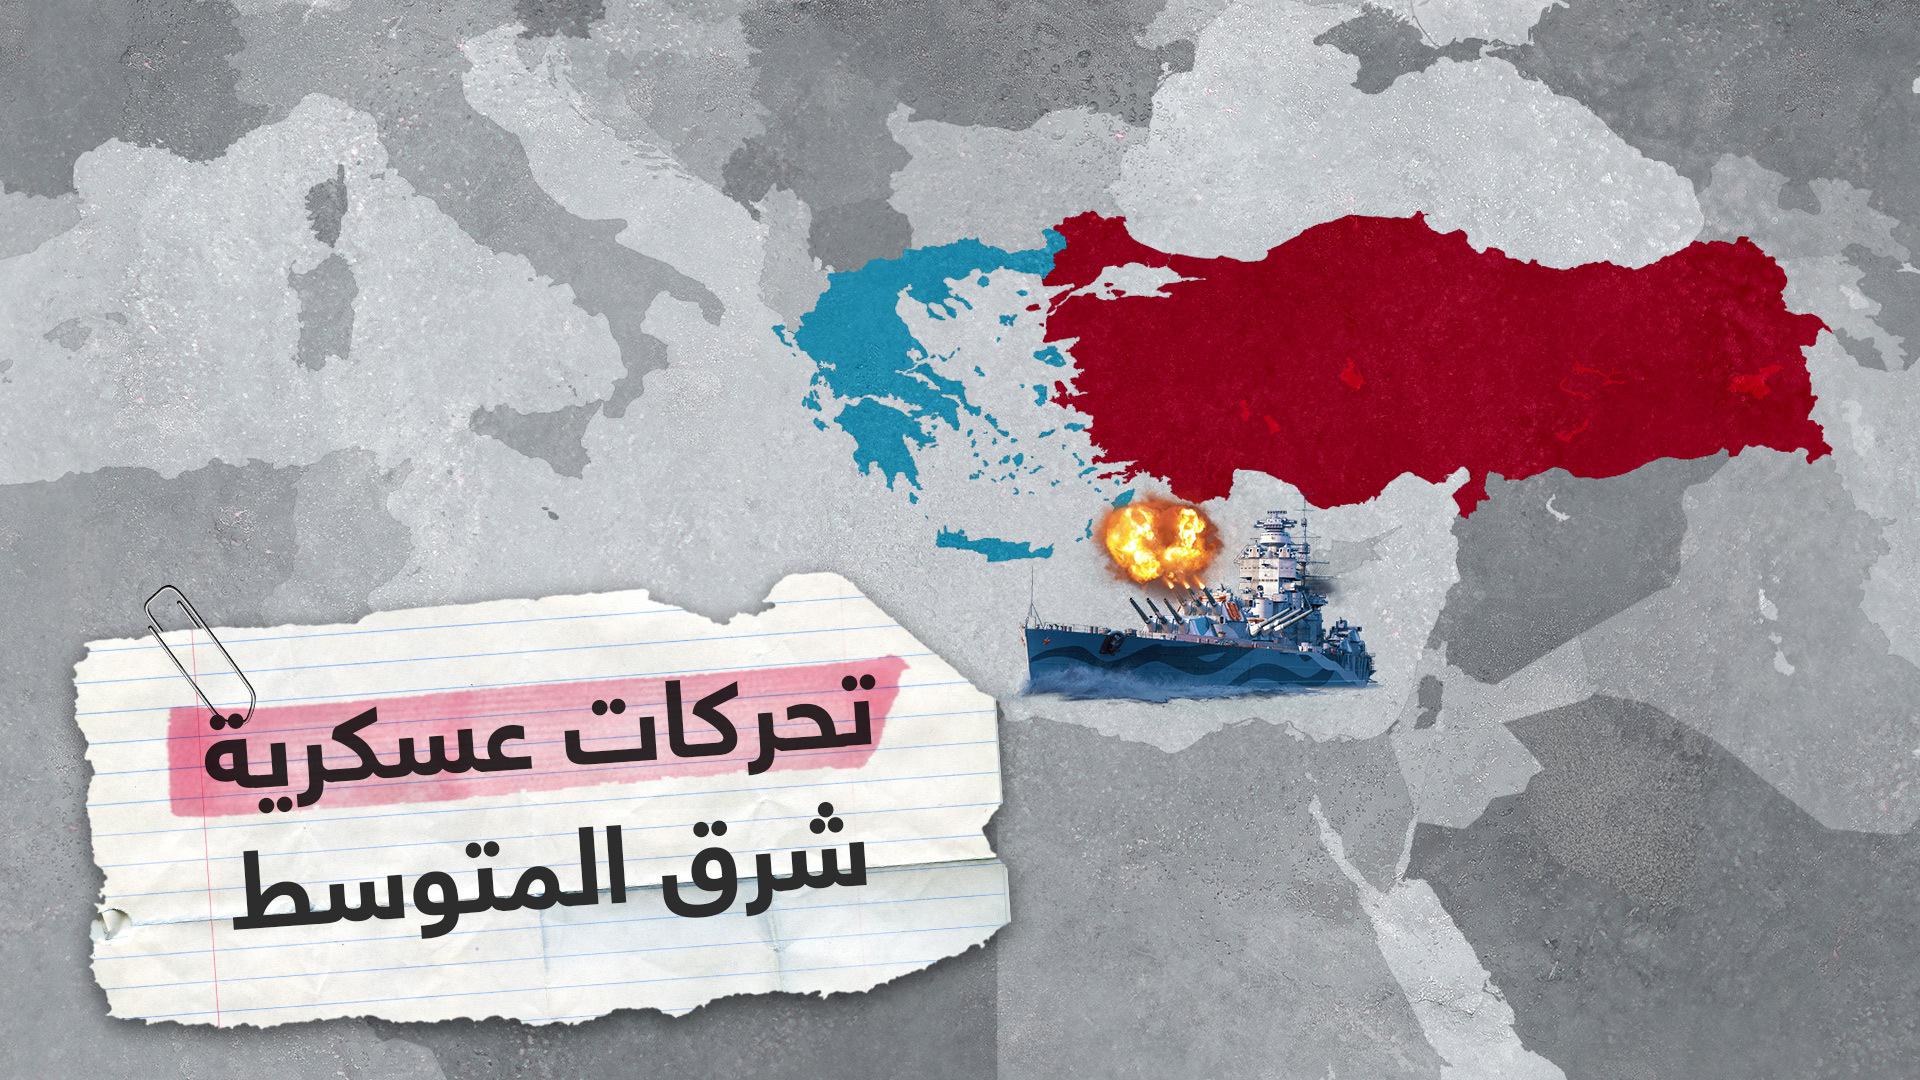 تحركات عسكرية تركية في شرق المتوسط